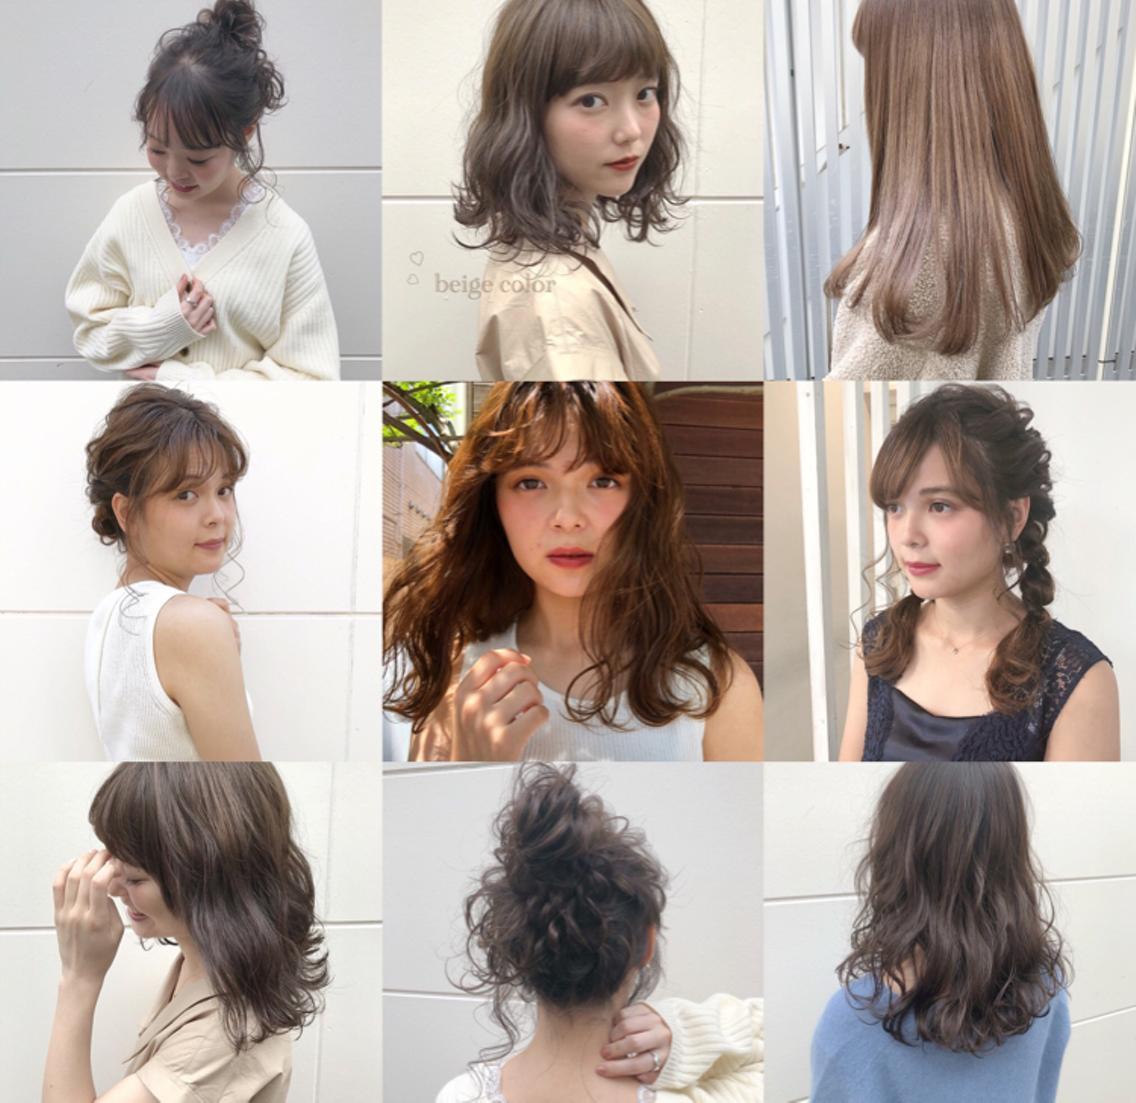 ❤2回目3回目もお得❤ケアブリーチ使用!95%痛みを抑えます♡一人ひとりの髪質に合わせてヘアスタイルを作ります♡ナチュラル~ガーリースタイルが好きです!